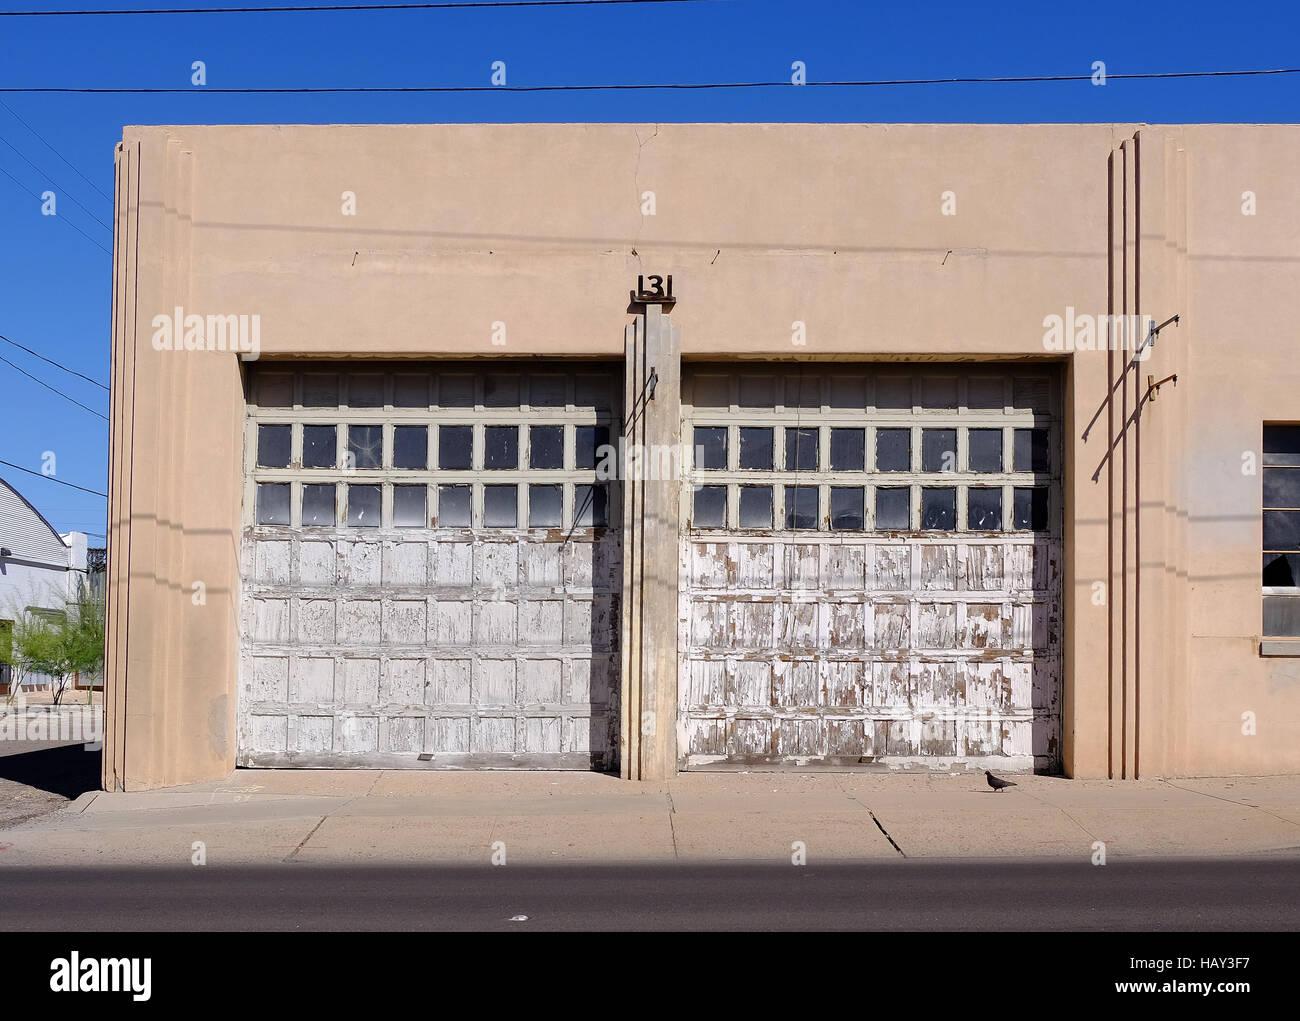 Garage Door Art Art Garage Door Stock Photos & Art Garage Door Stock Images  Alamy